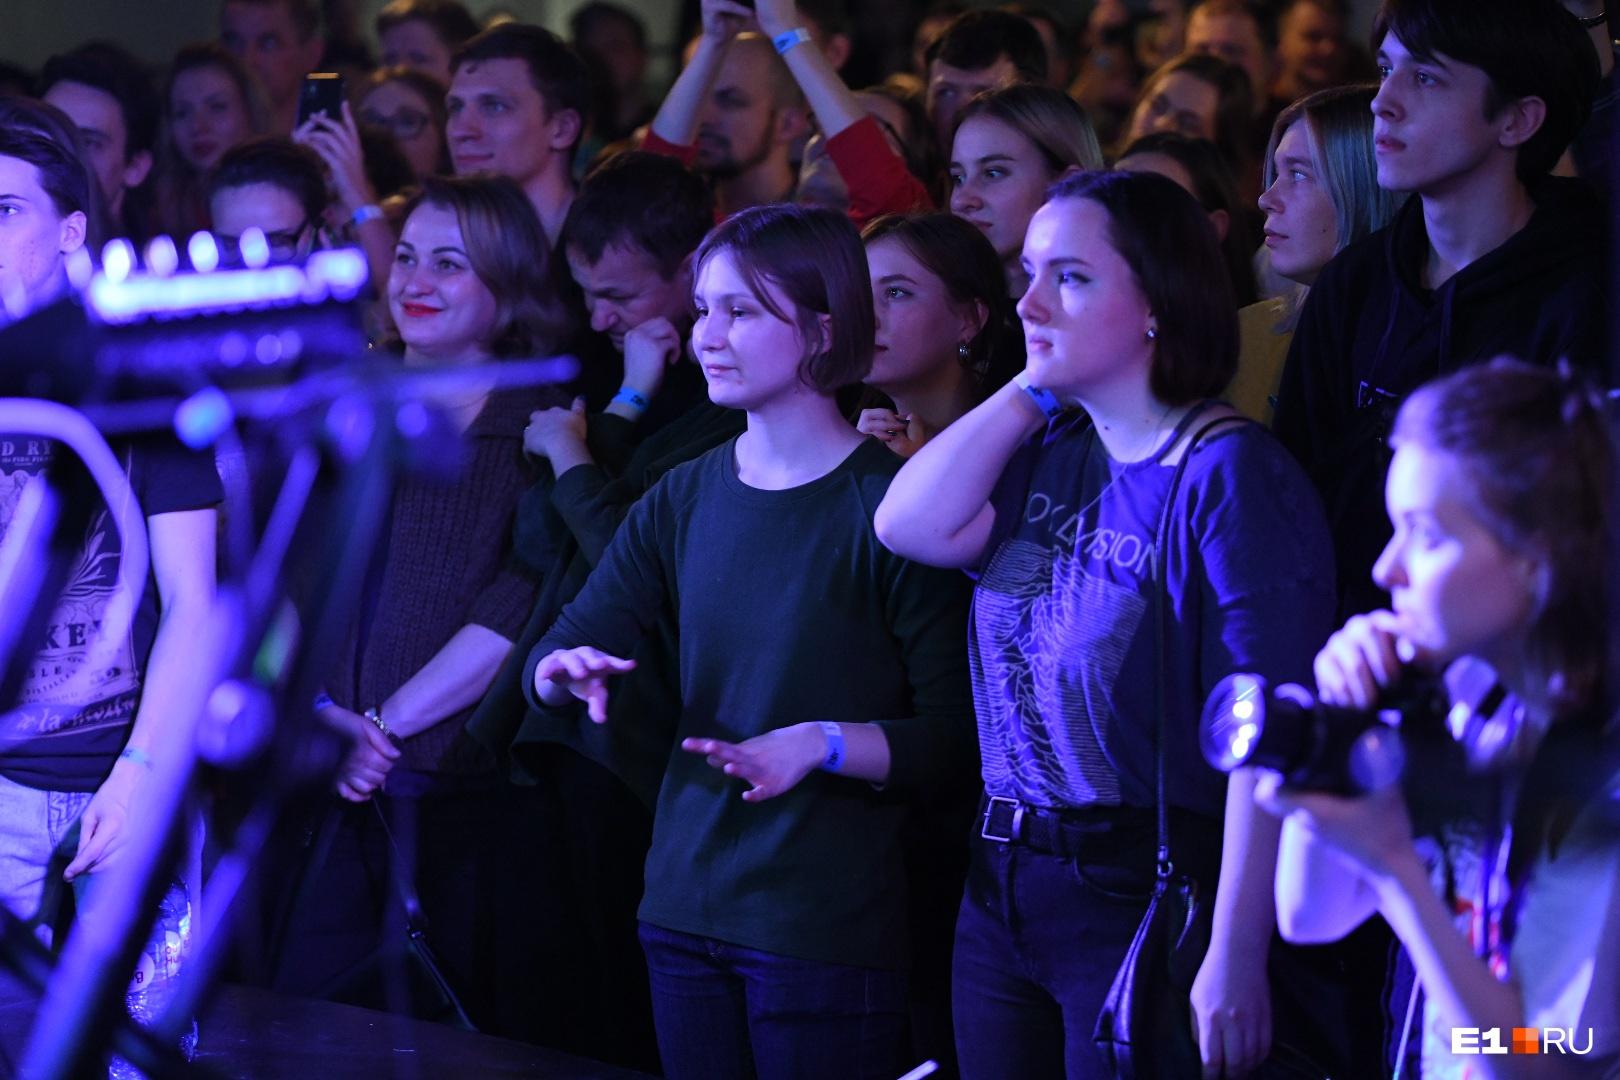 ЗрителиOQJAV в Екатеринбурге одни из самых активных